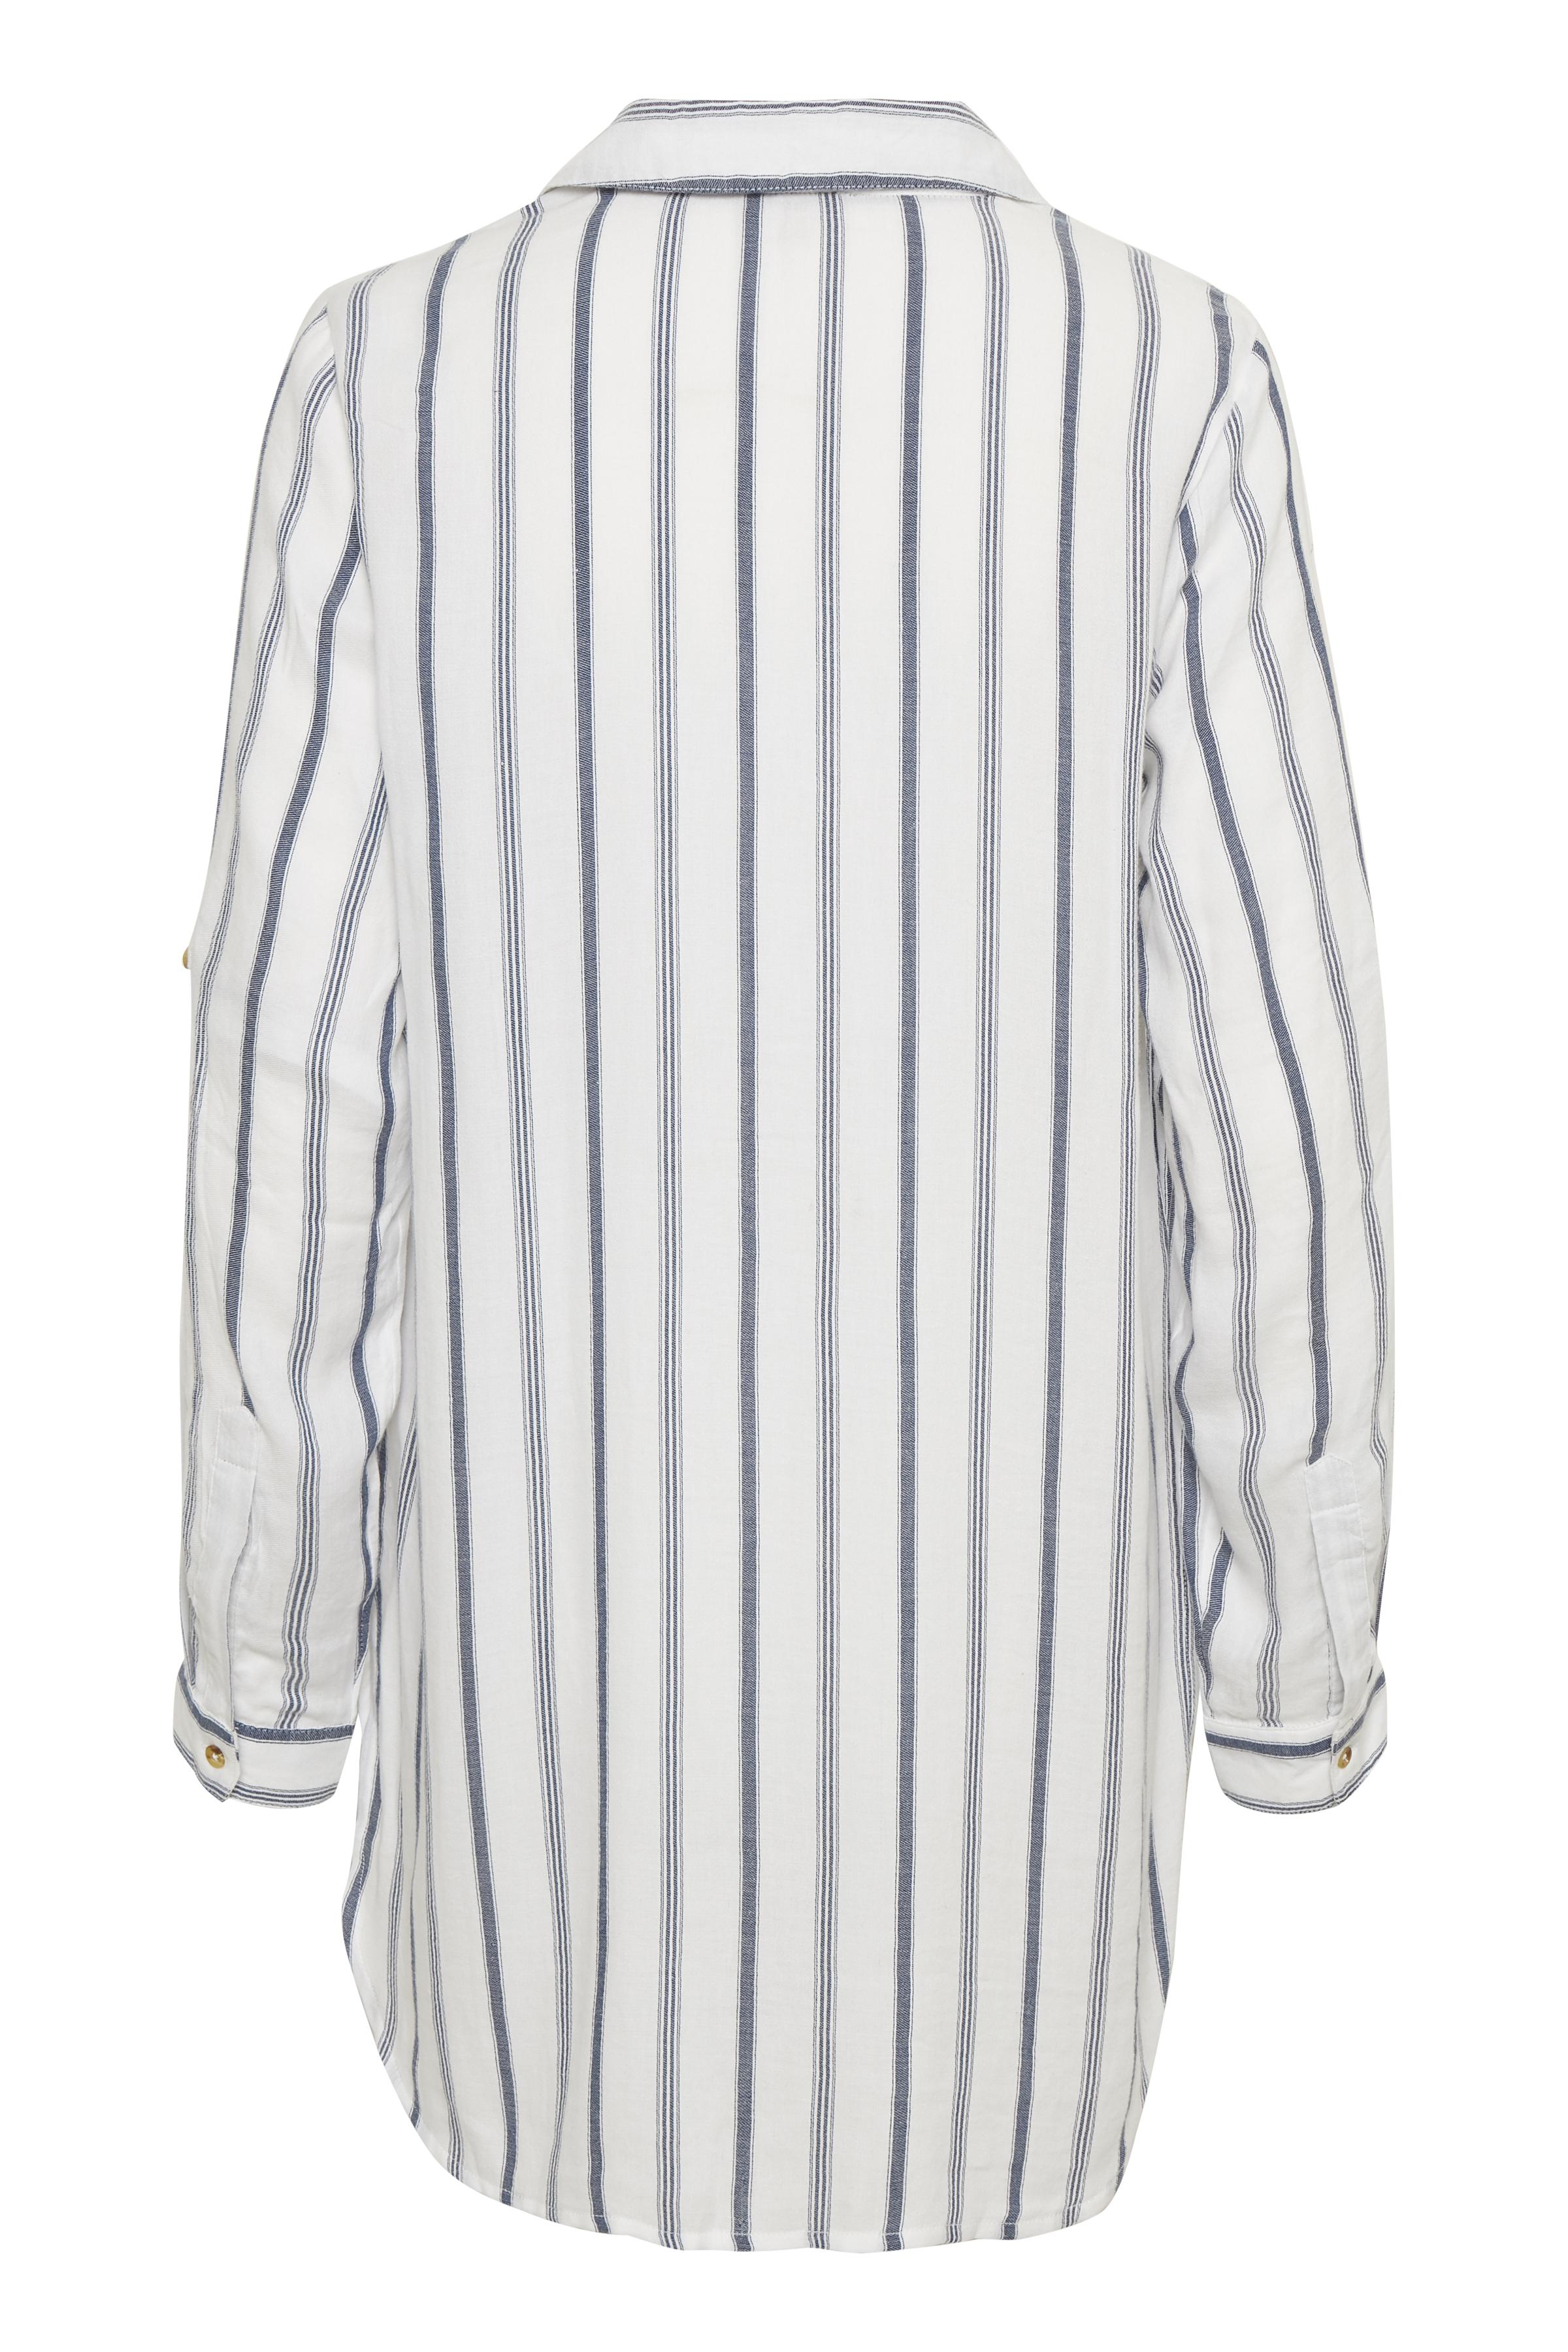 Off-white/blå Kjole fra Bon'A Parte – Køb Off-white/blå Kjole fra str. S-2XL her